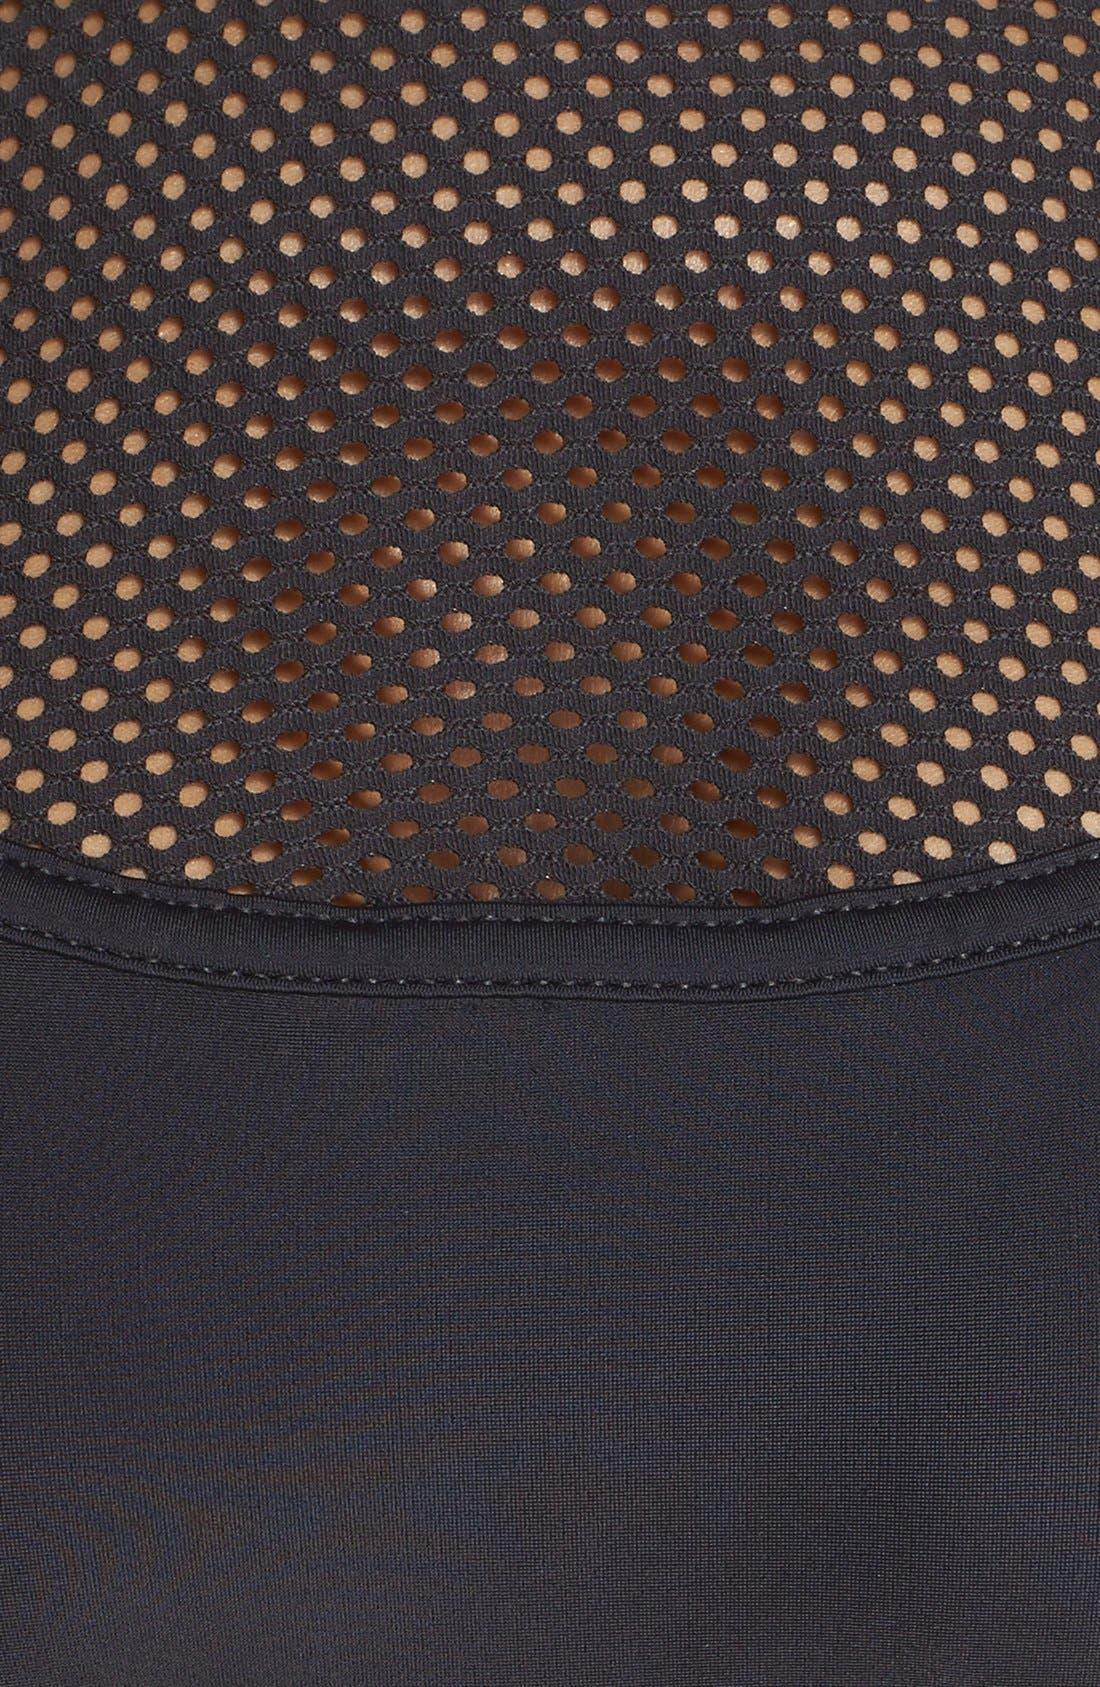 Mesh Inset Bikini Top,                             Alternate thumbnail 5, color,                             Black